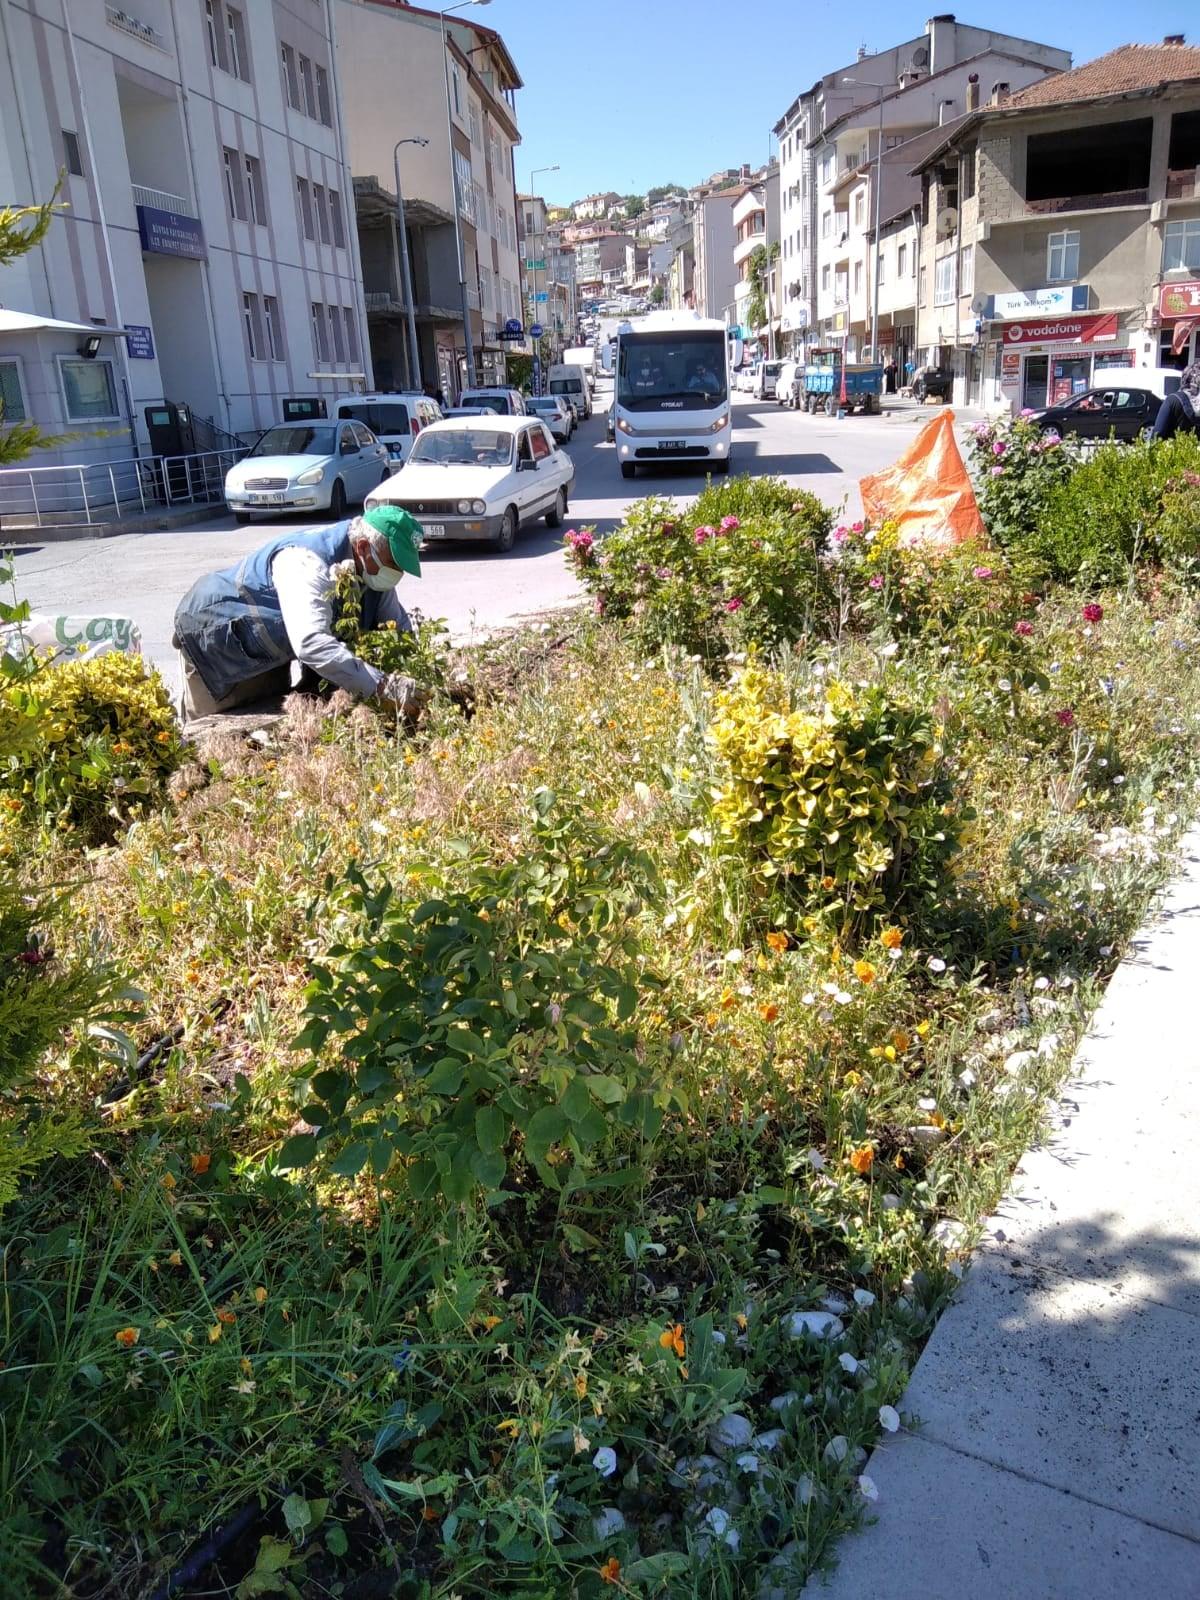 İlçe genelinde bulunan caddelerde ve parklarımızda çevre düzenleme çalışmaları devam ediyor